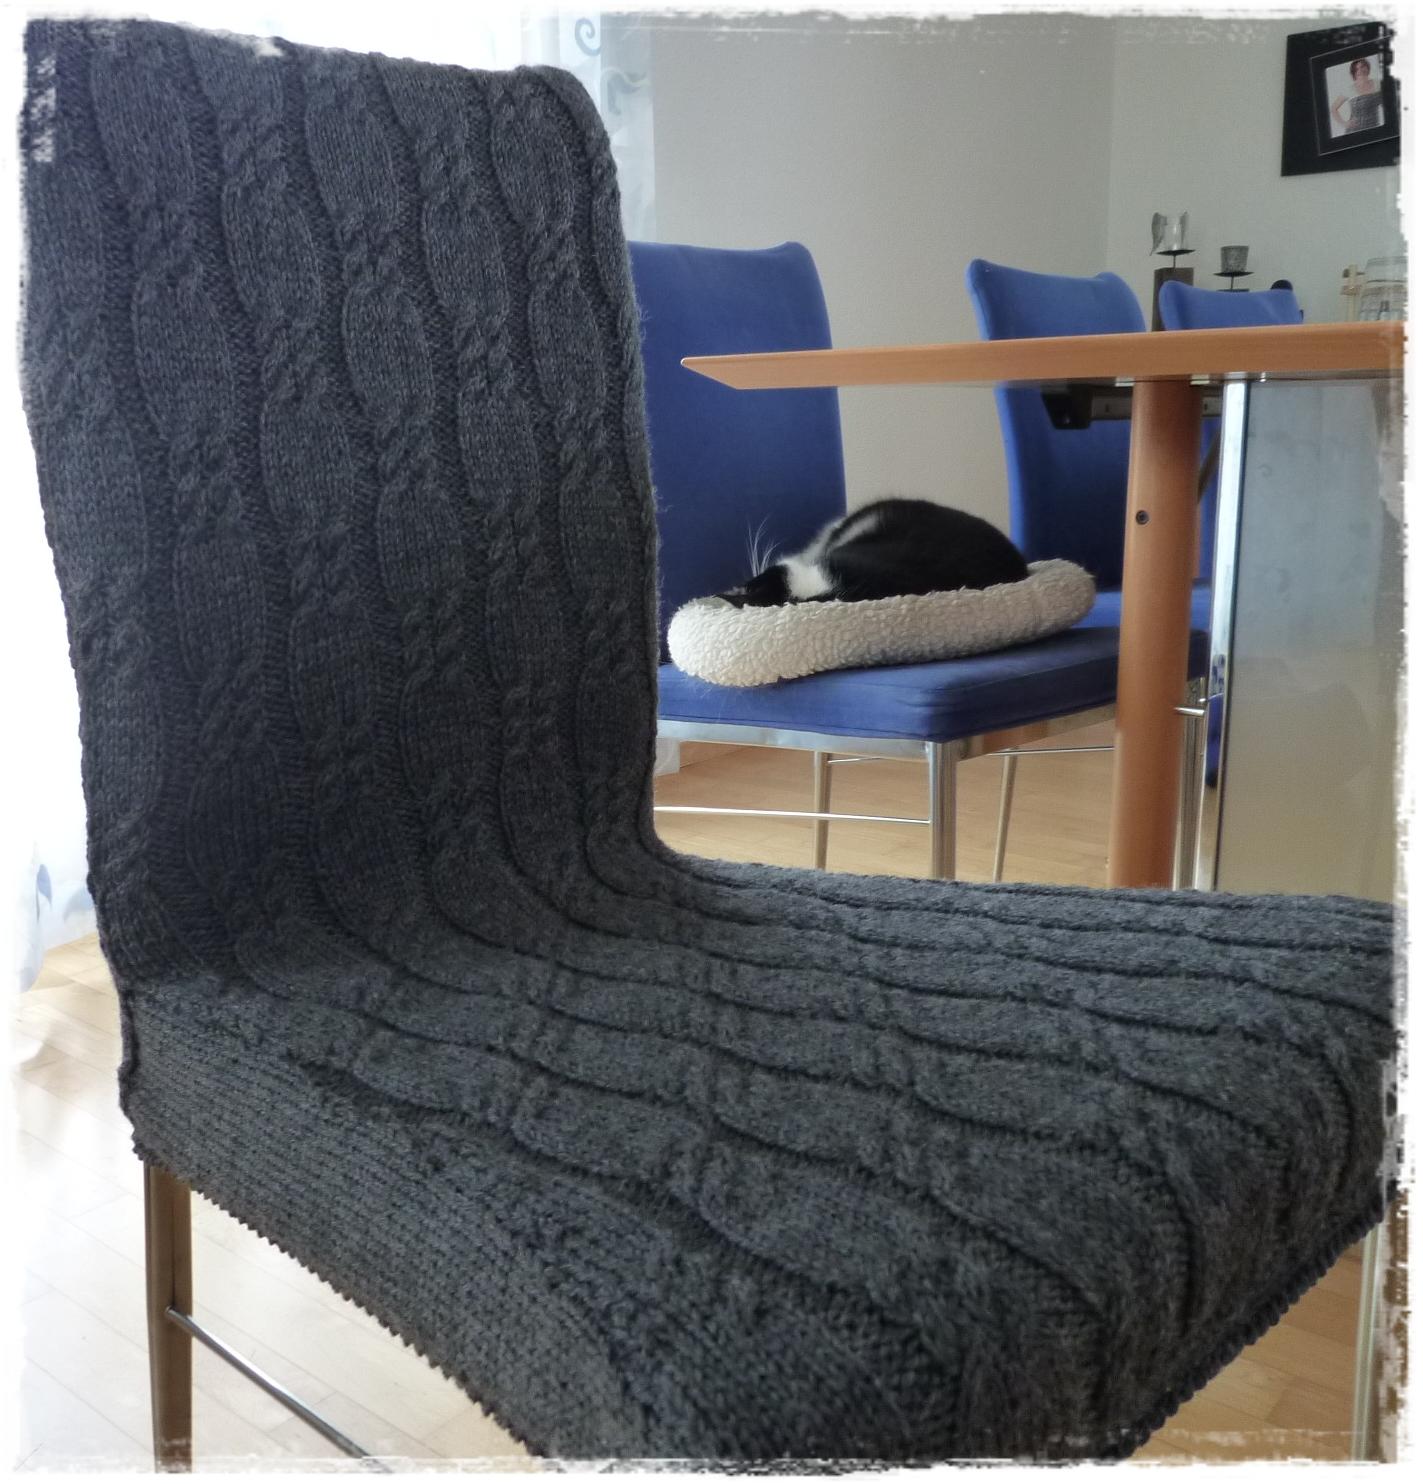 manu h kelt. Black Bedroom Furniture Sets. Home Design Ideas